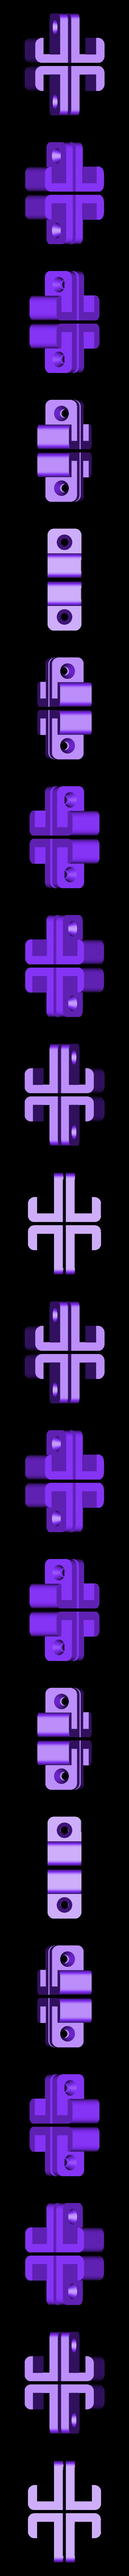 4_clips.stl Télécharger fichier STL gratuit Clips - Support mural pour tablette • Modèle pour imprimante 3D, Gophy